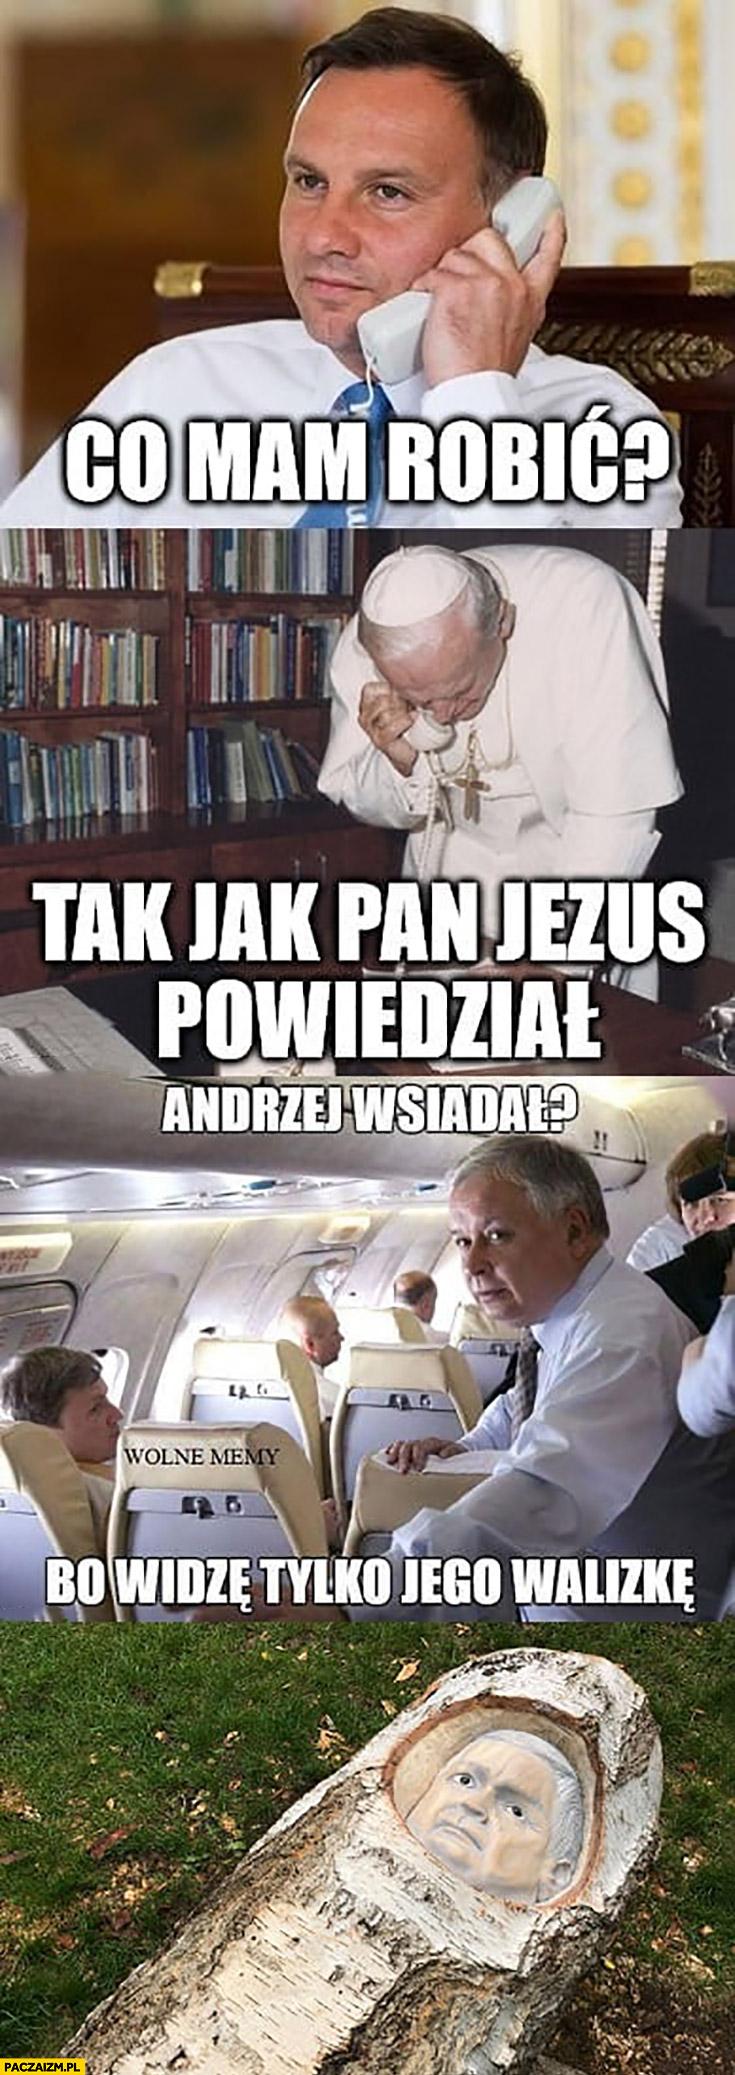 Duda: co mam robić? Papież tak jak Pan Jezus powiedział, Kaczyński: Andrzej wsiadał bo widzę tylko jego walizkę, brzoza